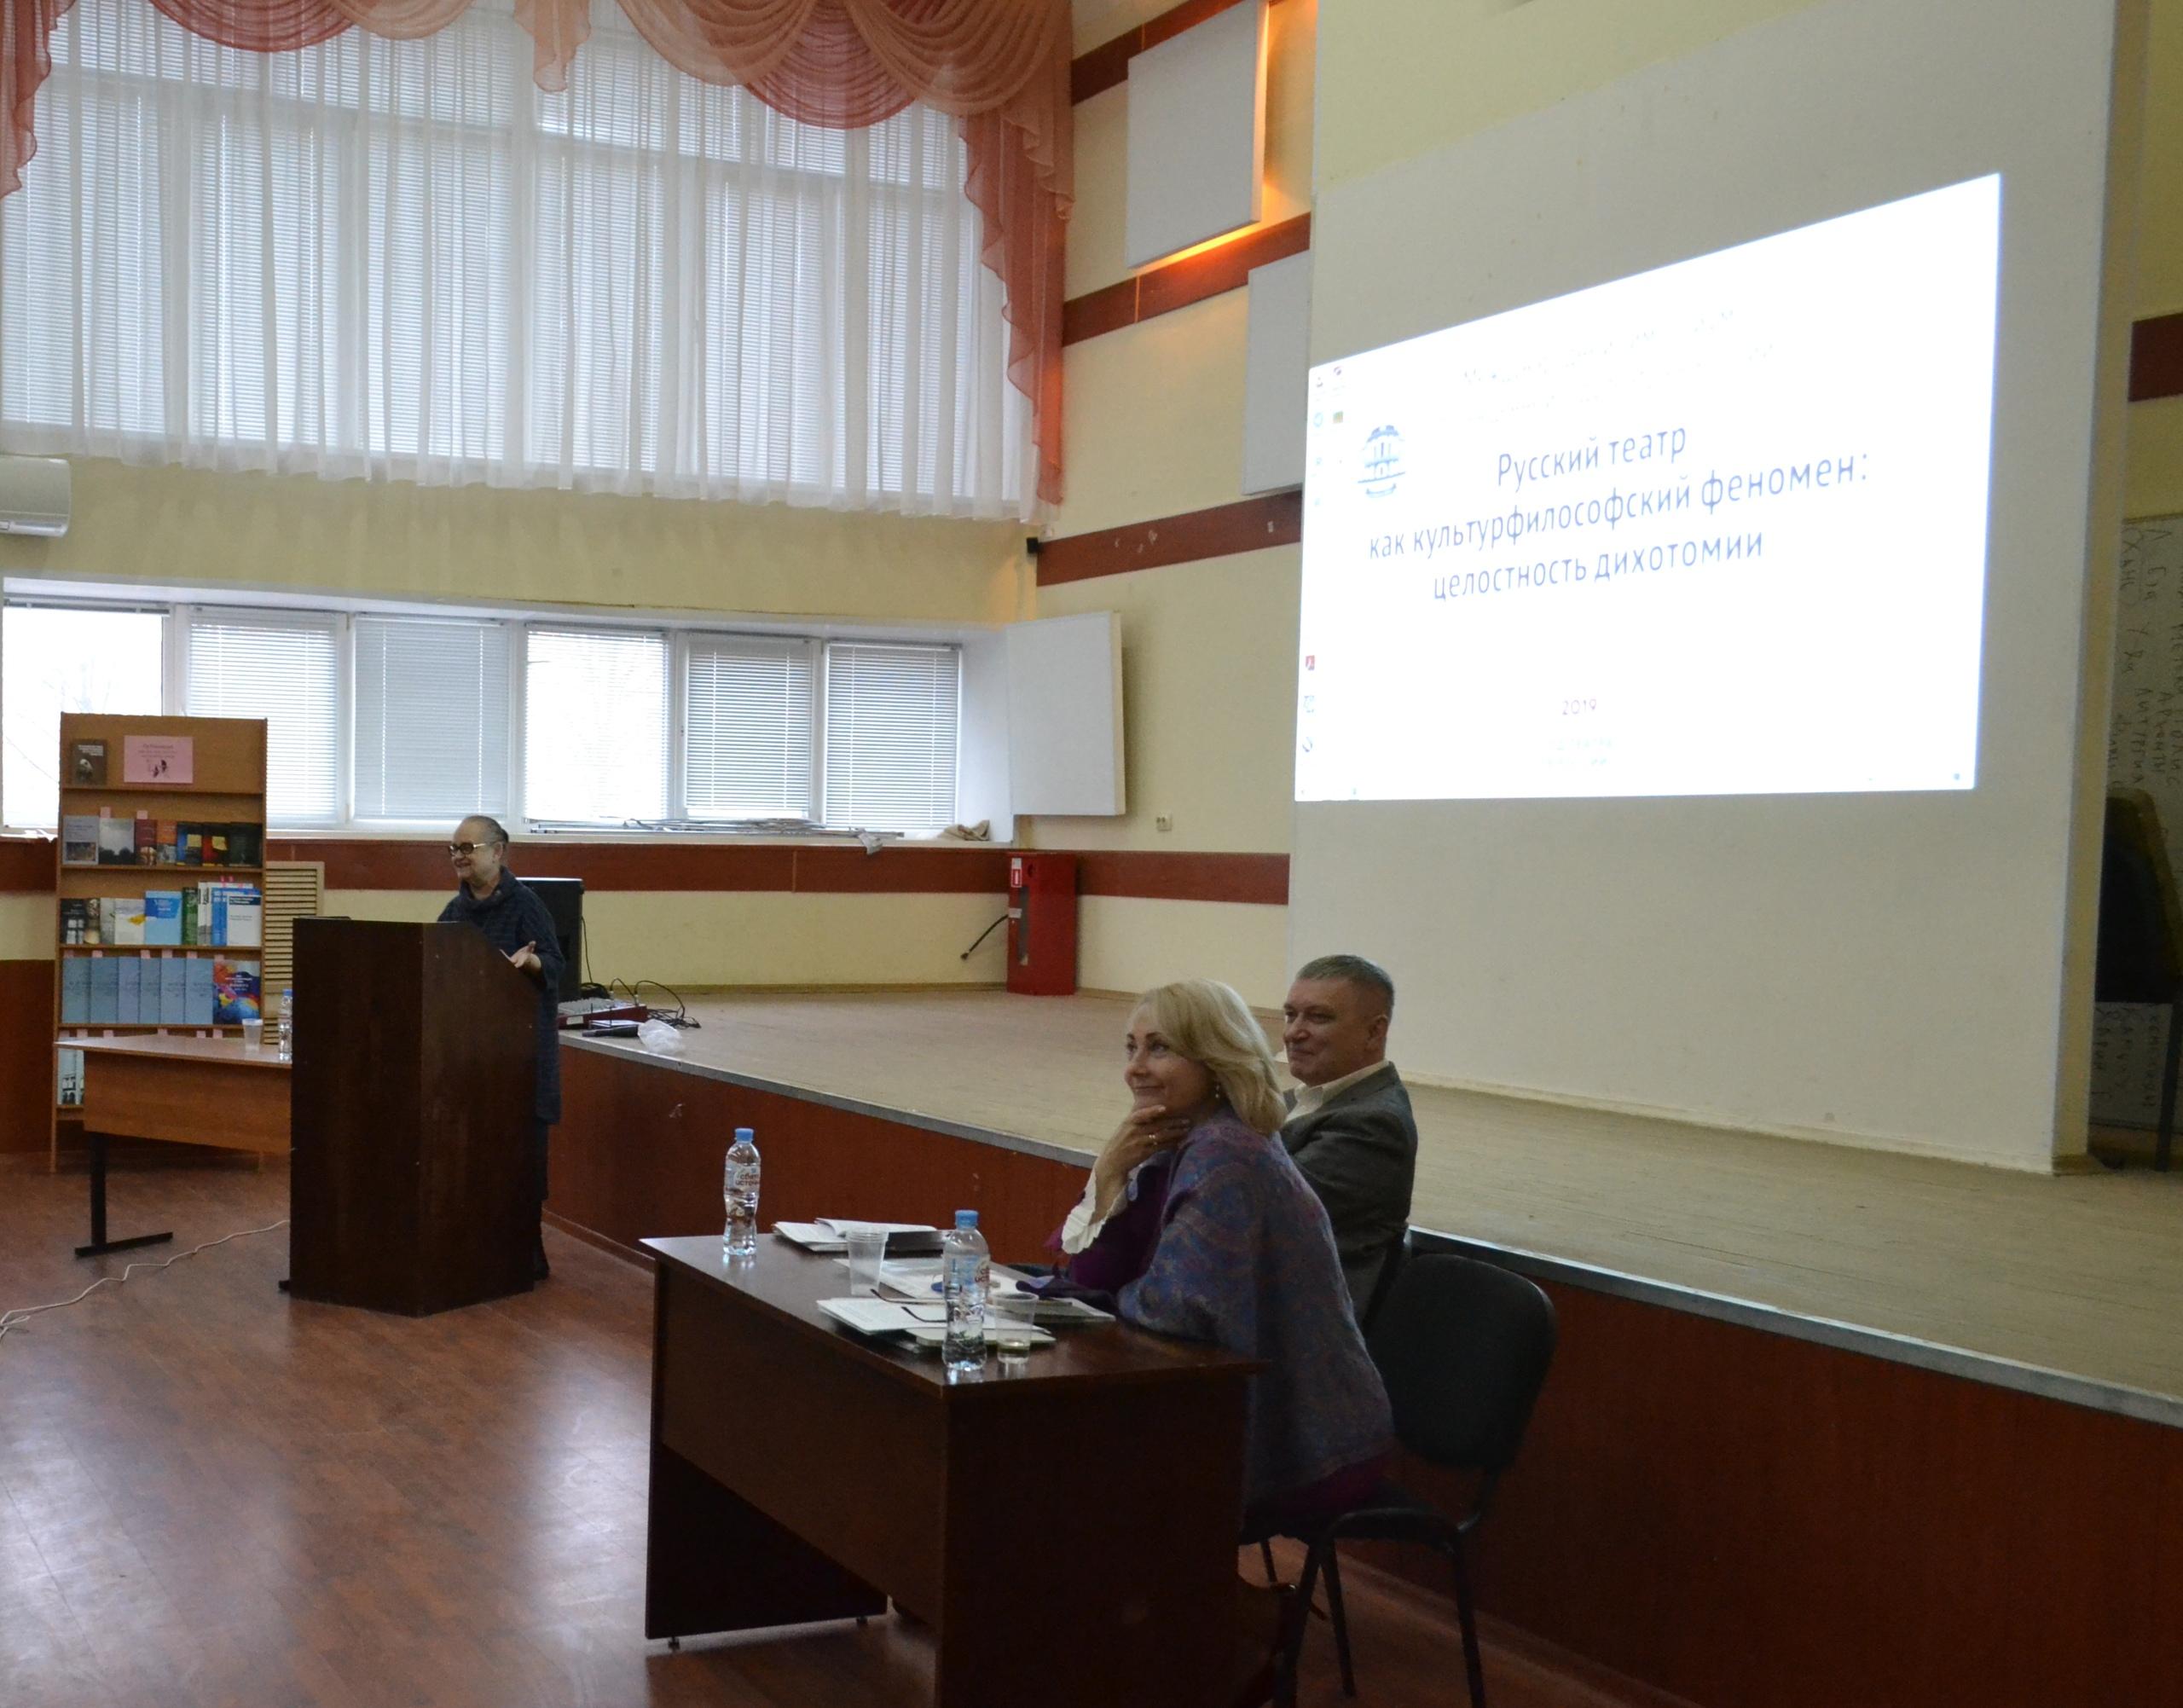 В ЯГПУ состоялся Международный симпозиум «Русский театр как культурфилософский феномен: целостность дихотомии»